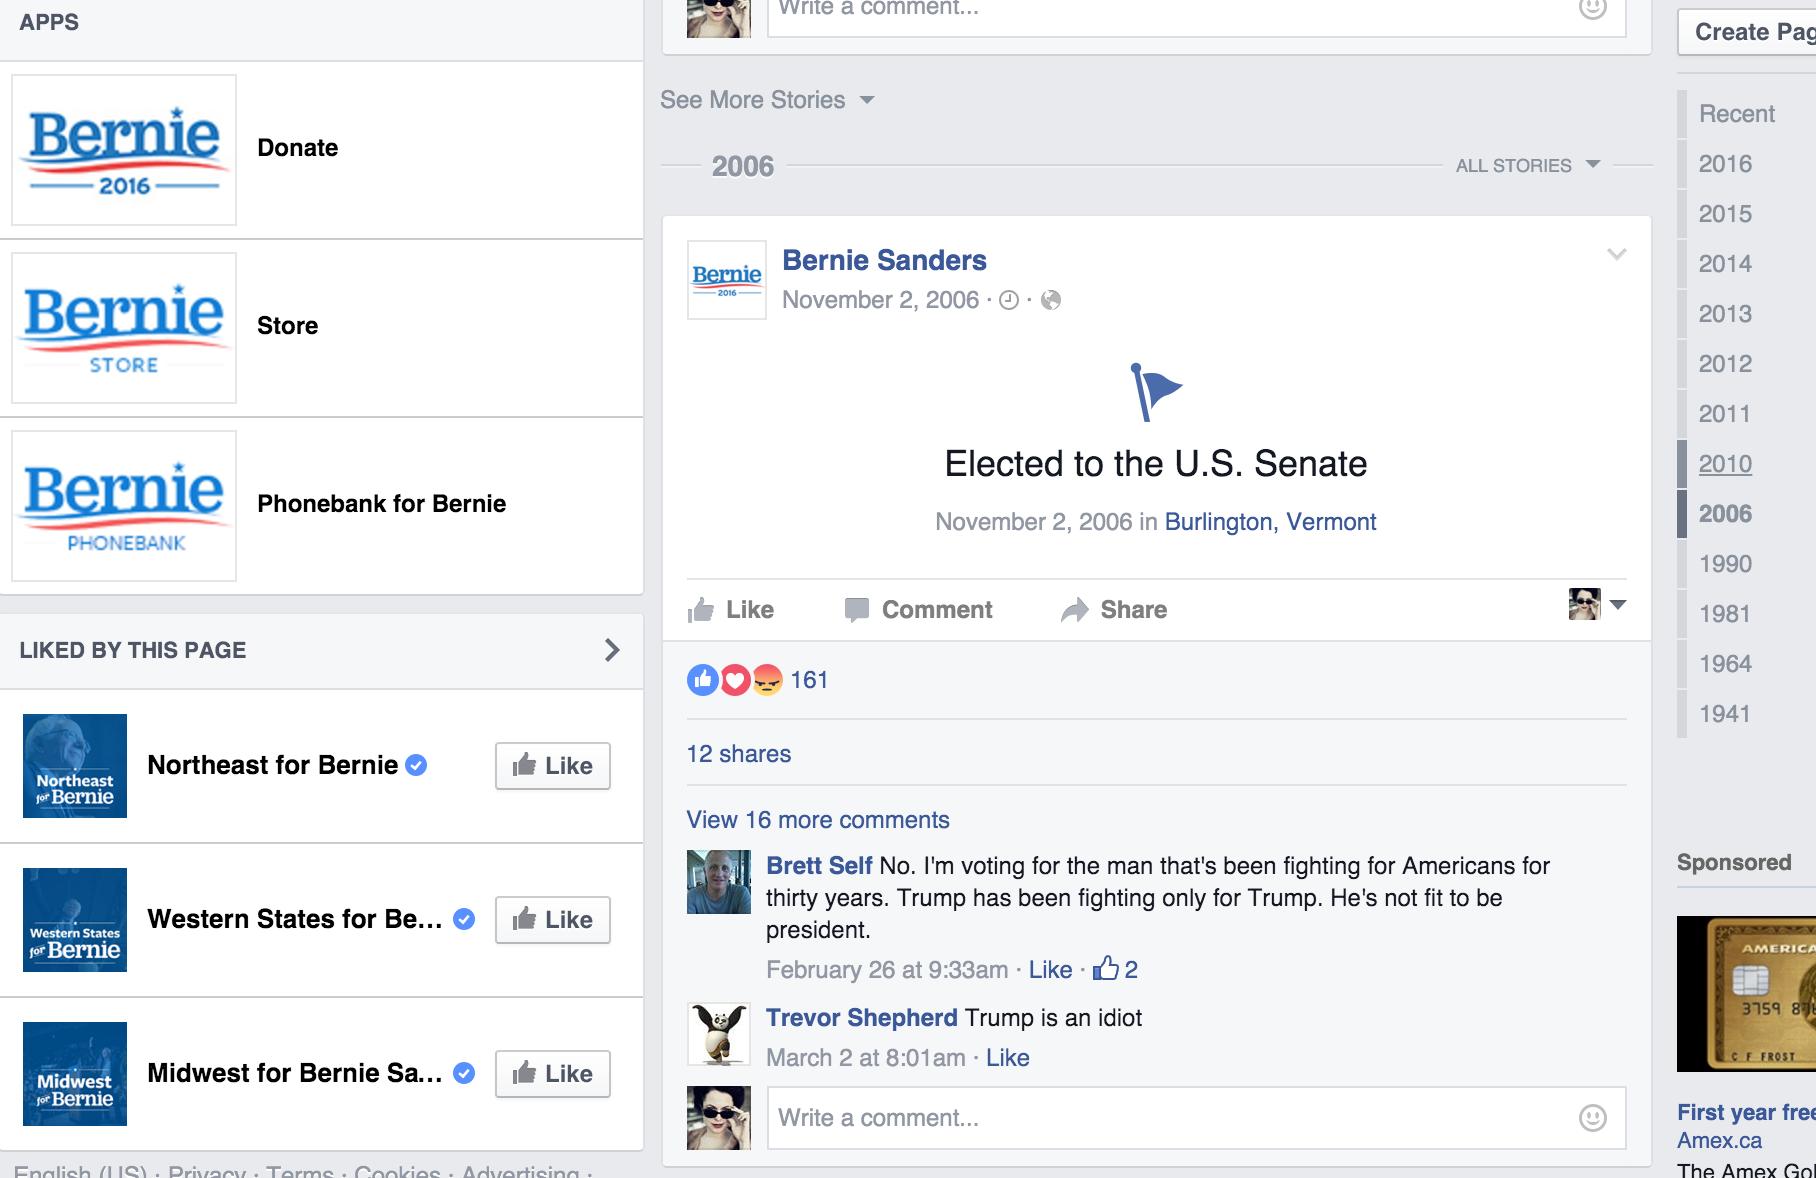 Bernie Sanders' Facebook Page